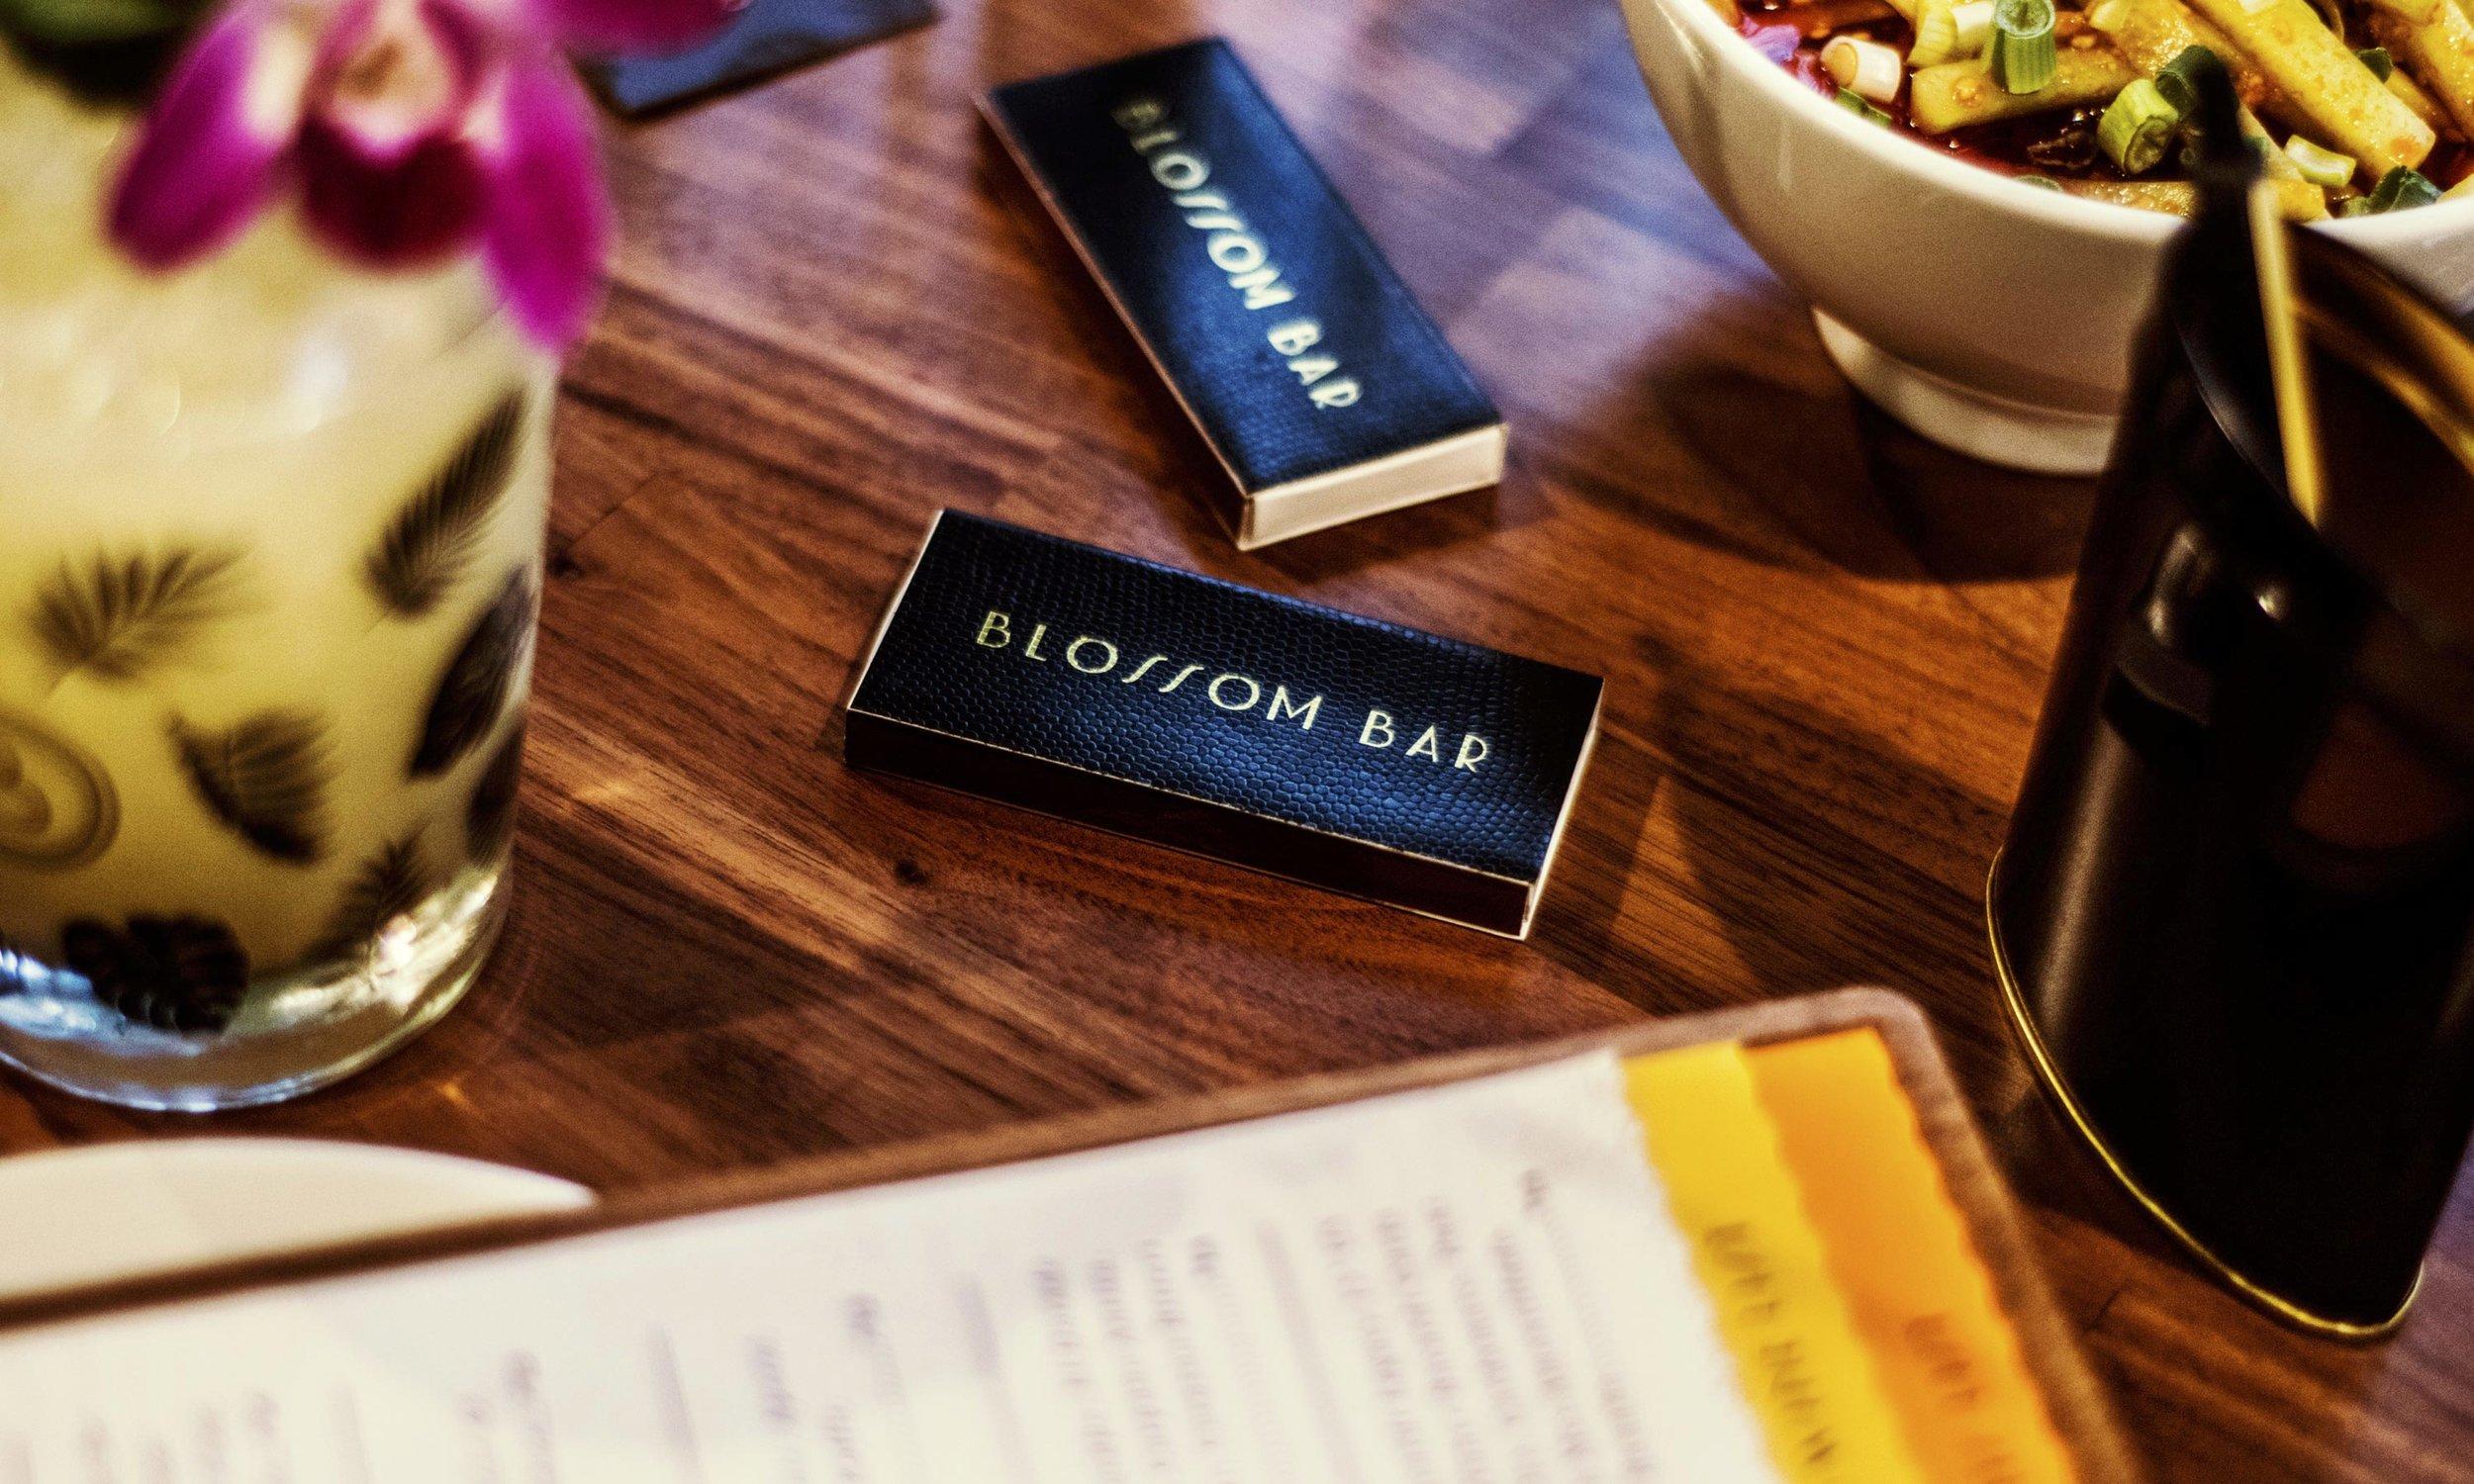 A_Blossom Bar for JBF (dragged) 11.jpg